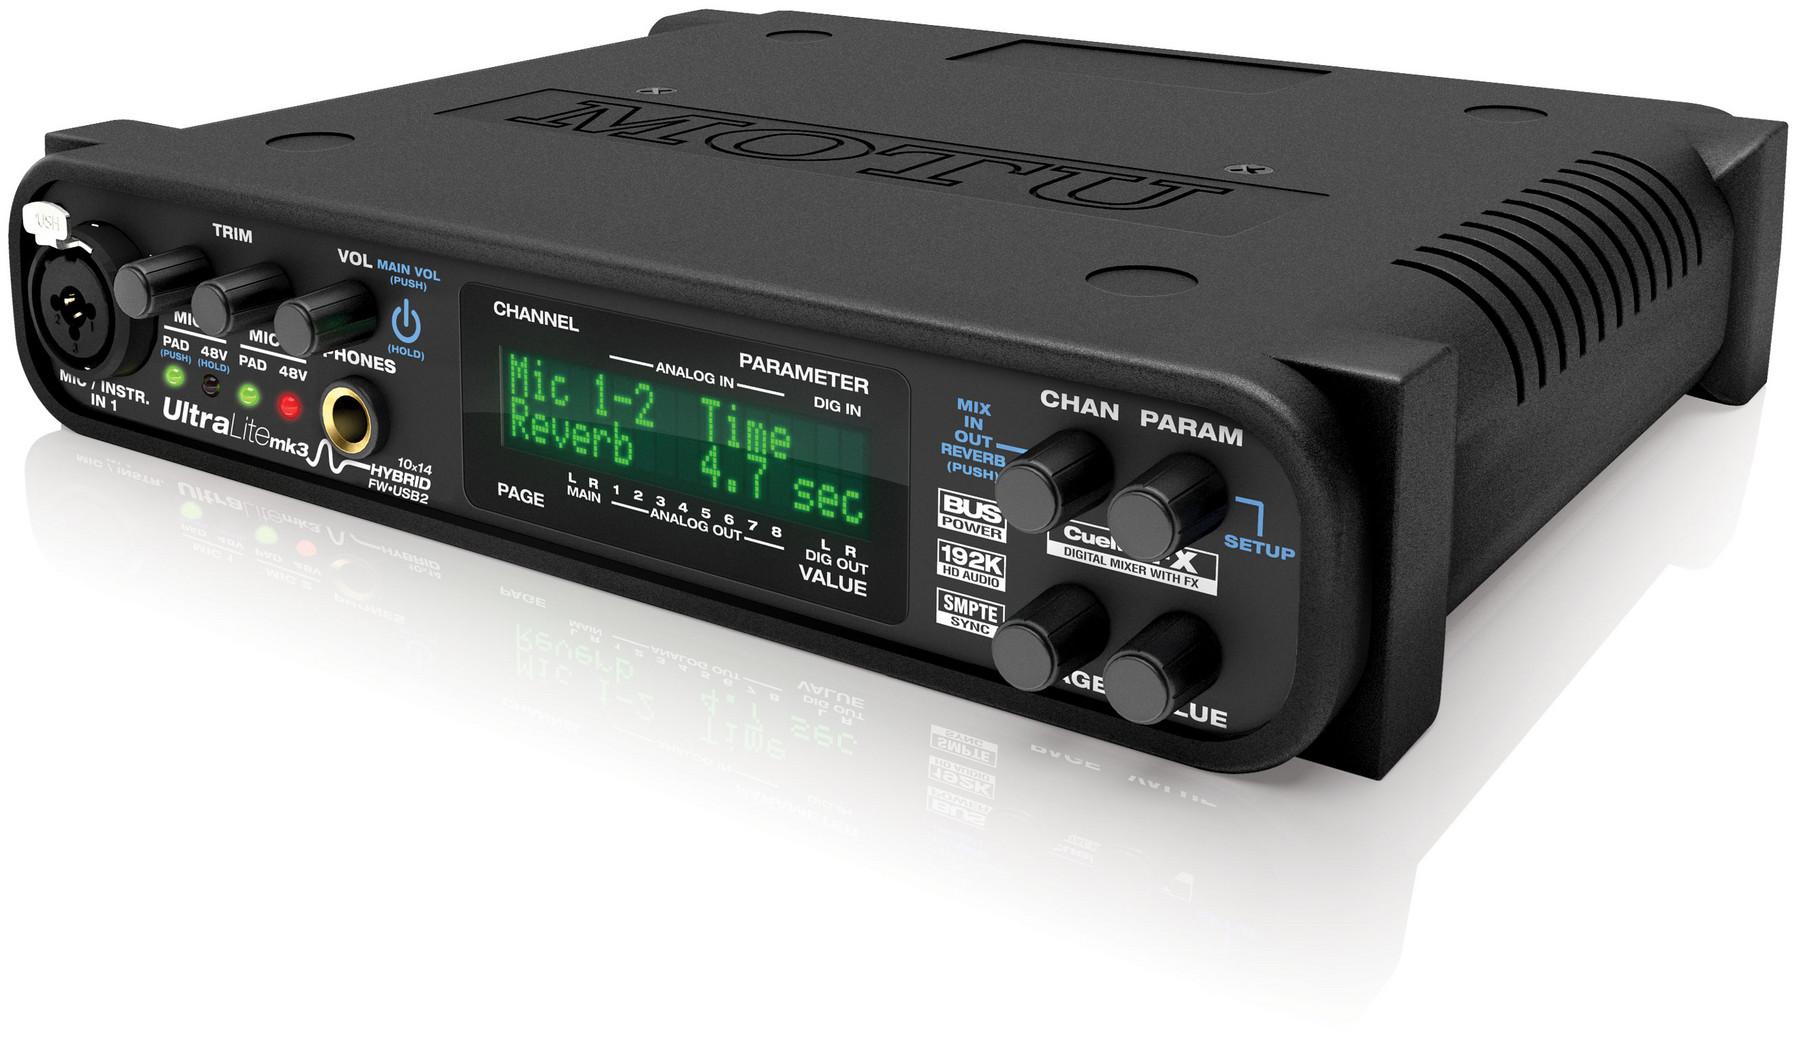 UltraLite-mk3 Hybrid